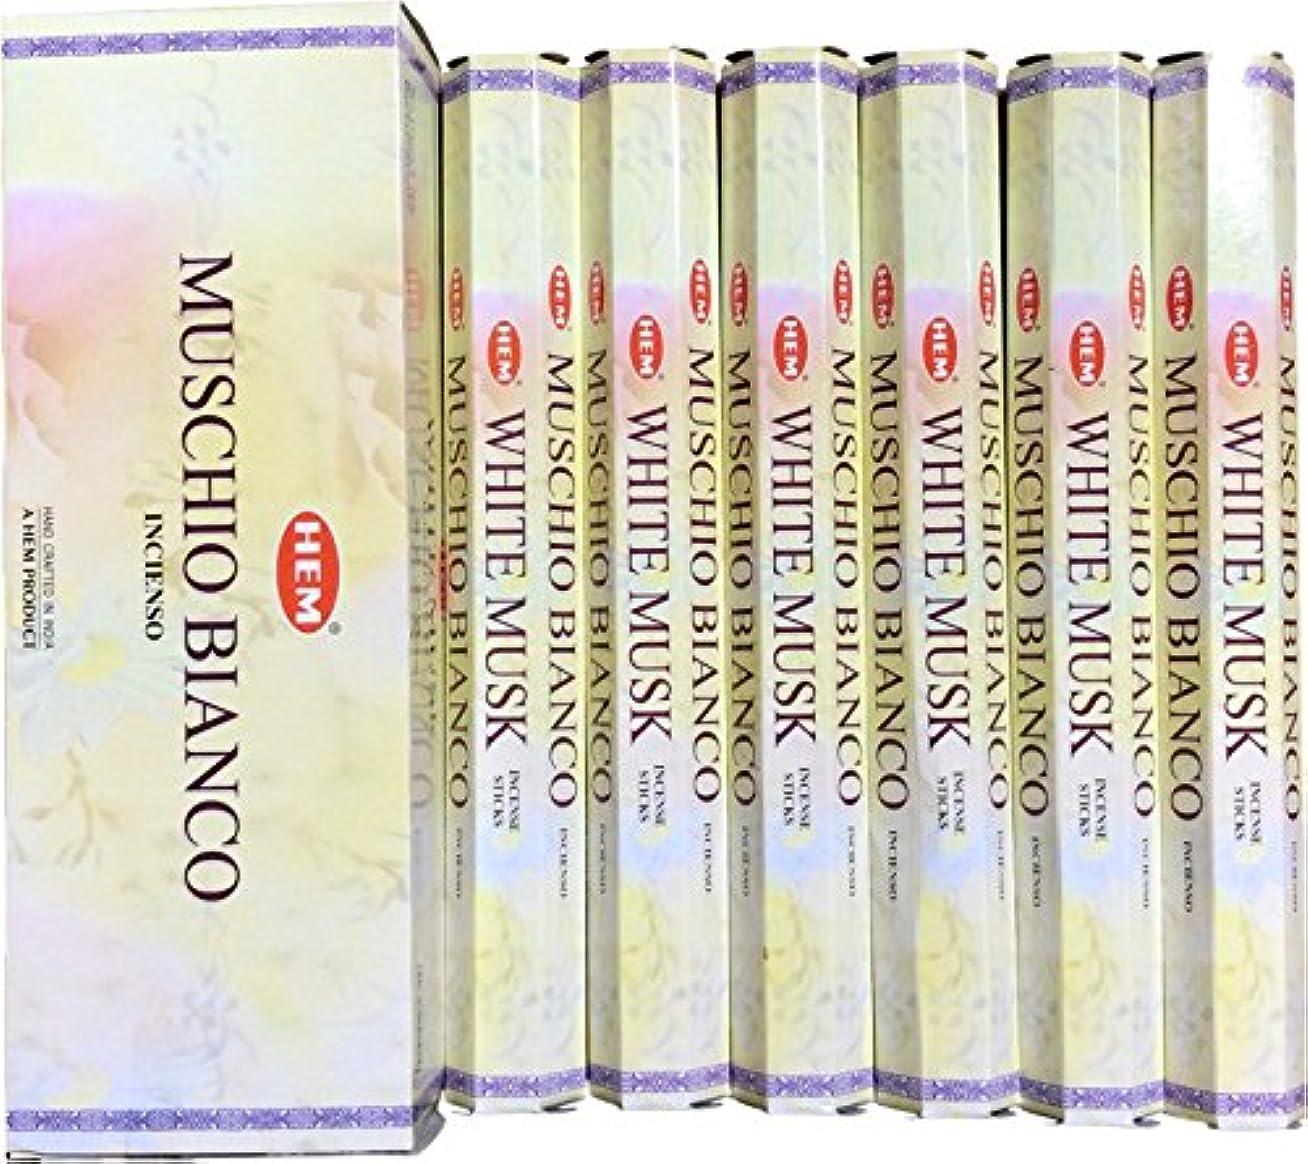 思い出すアクチュエータ器具HEM ヘム ホワイトムスク WHITEMUSK ステック お香 6本 セット